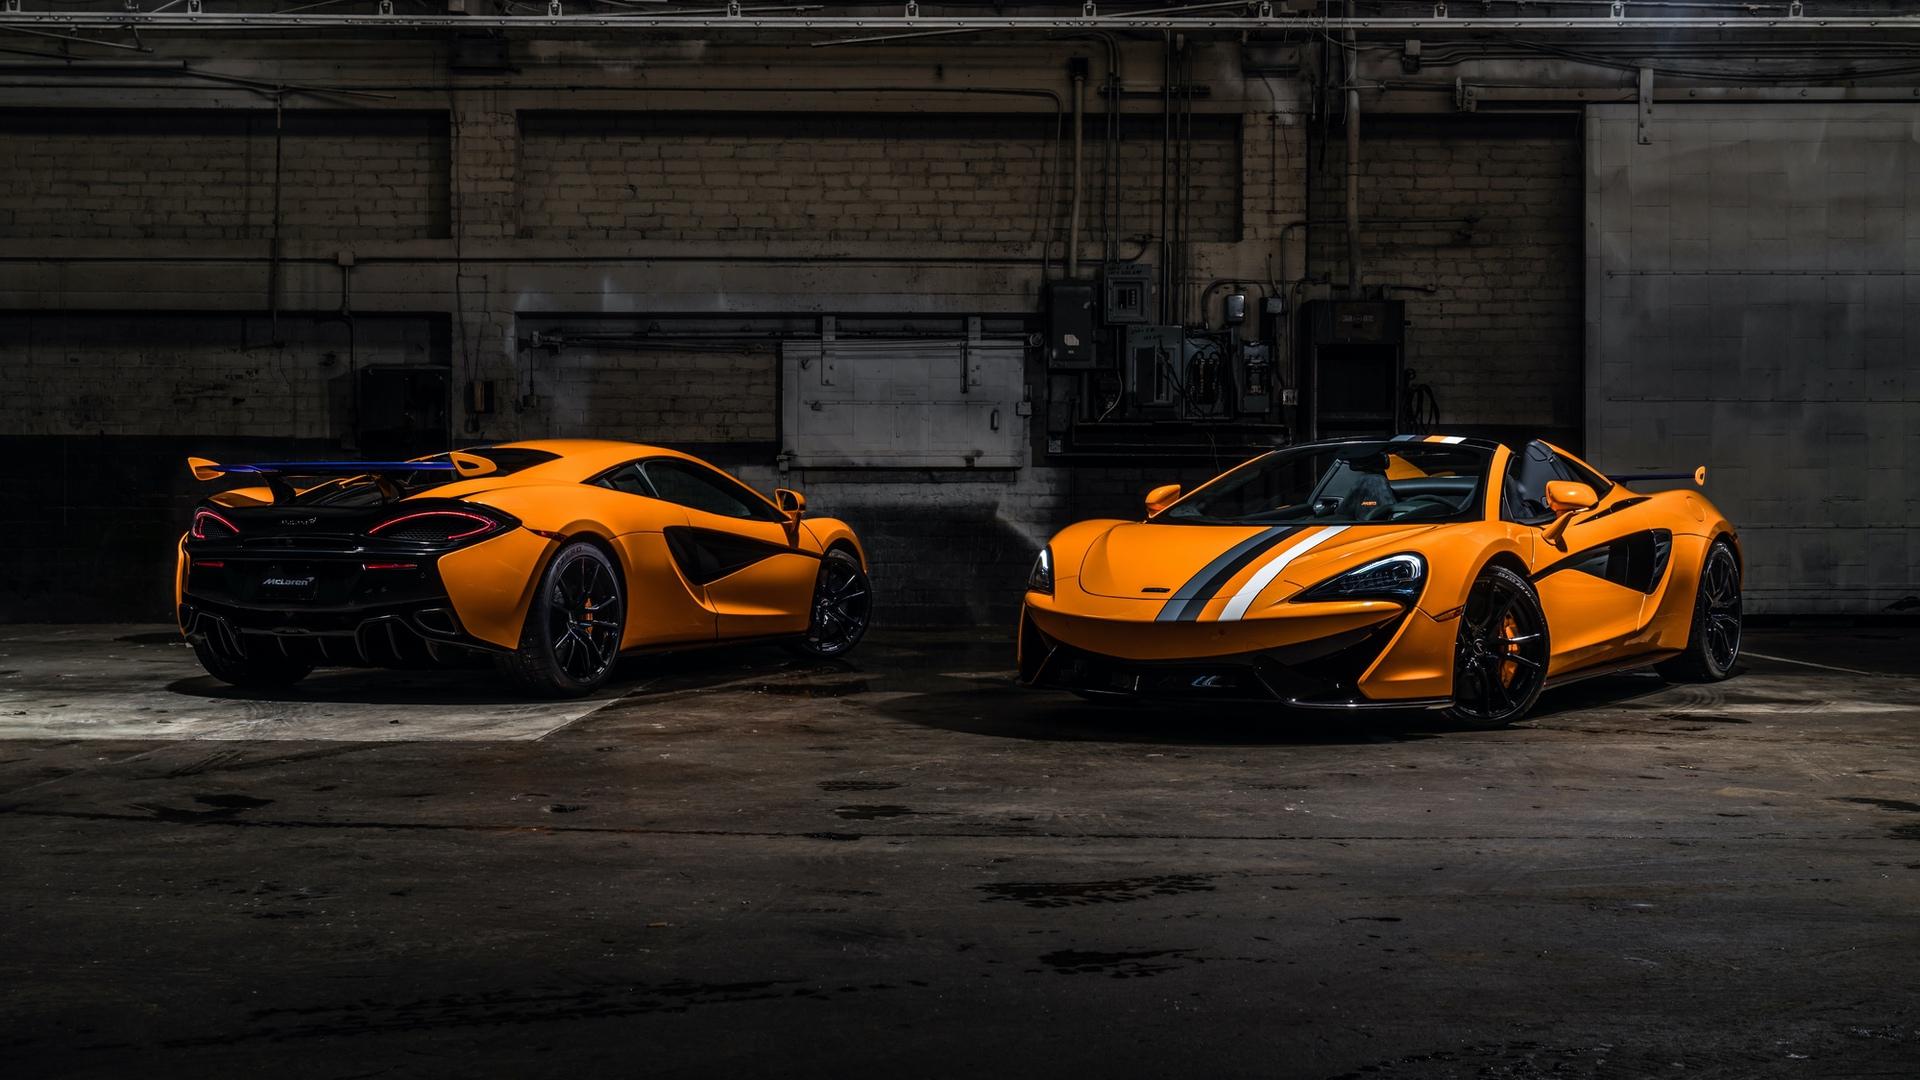 McLaren MSO RTTA 570s-1